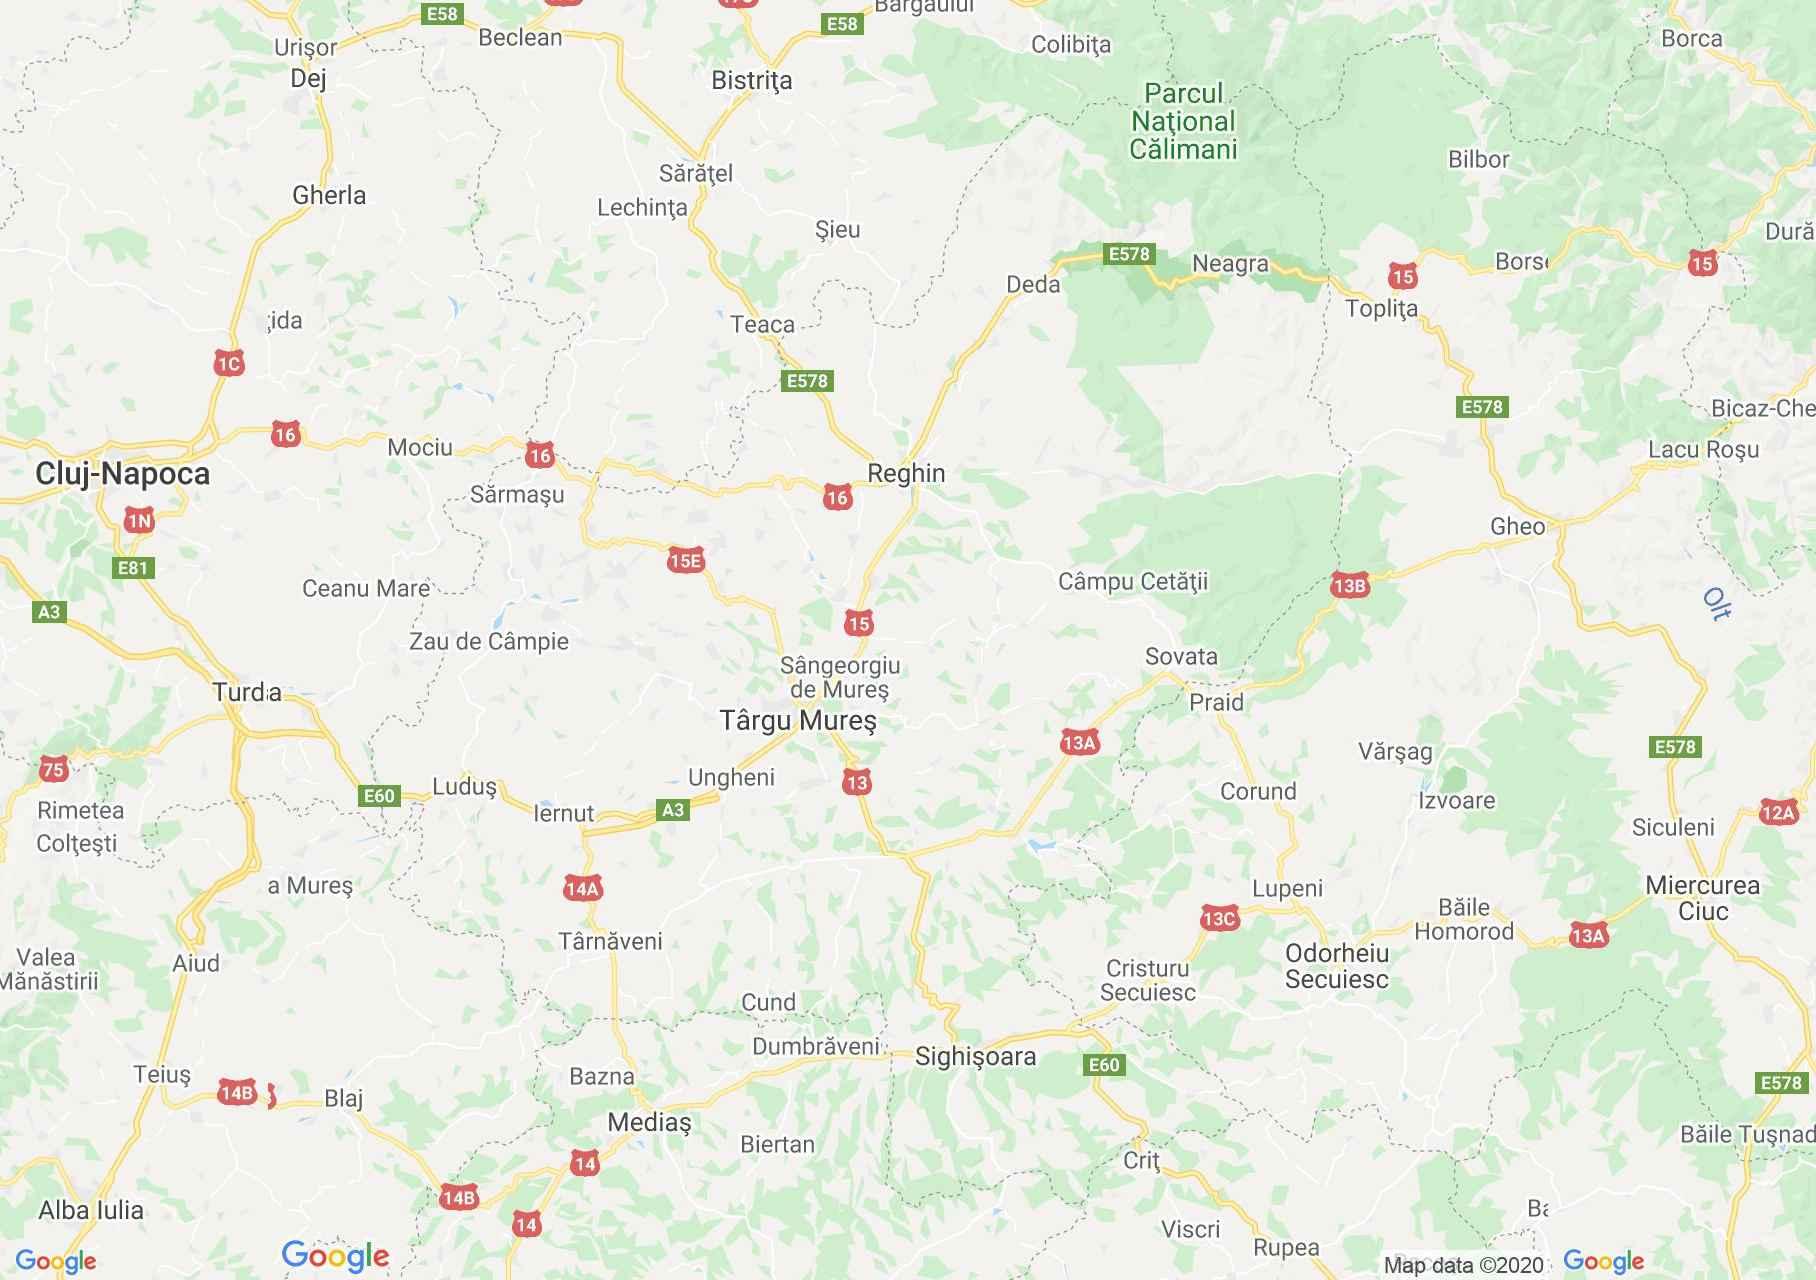 Maros megye: (Marosvásárhely) interaktív turista térképe.